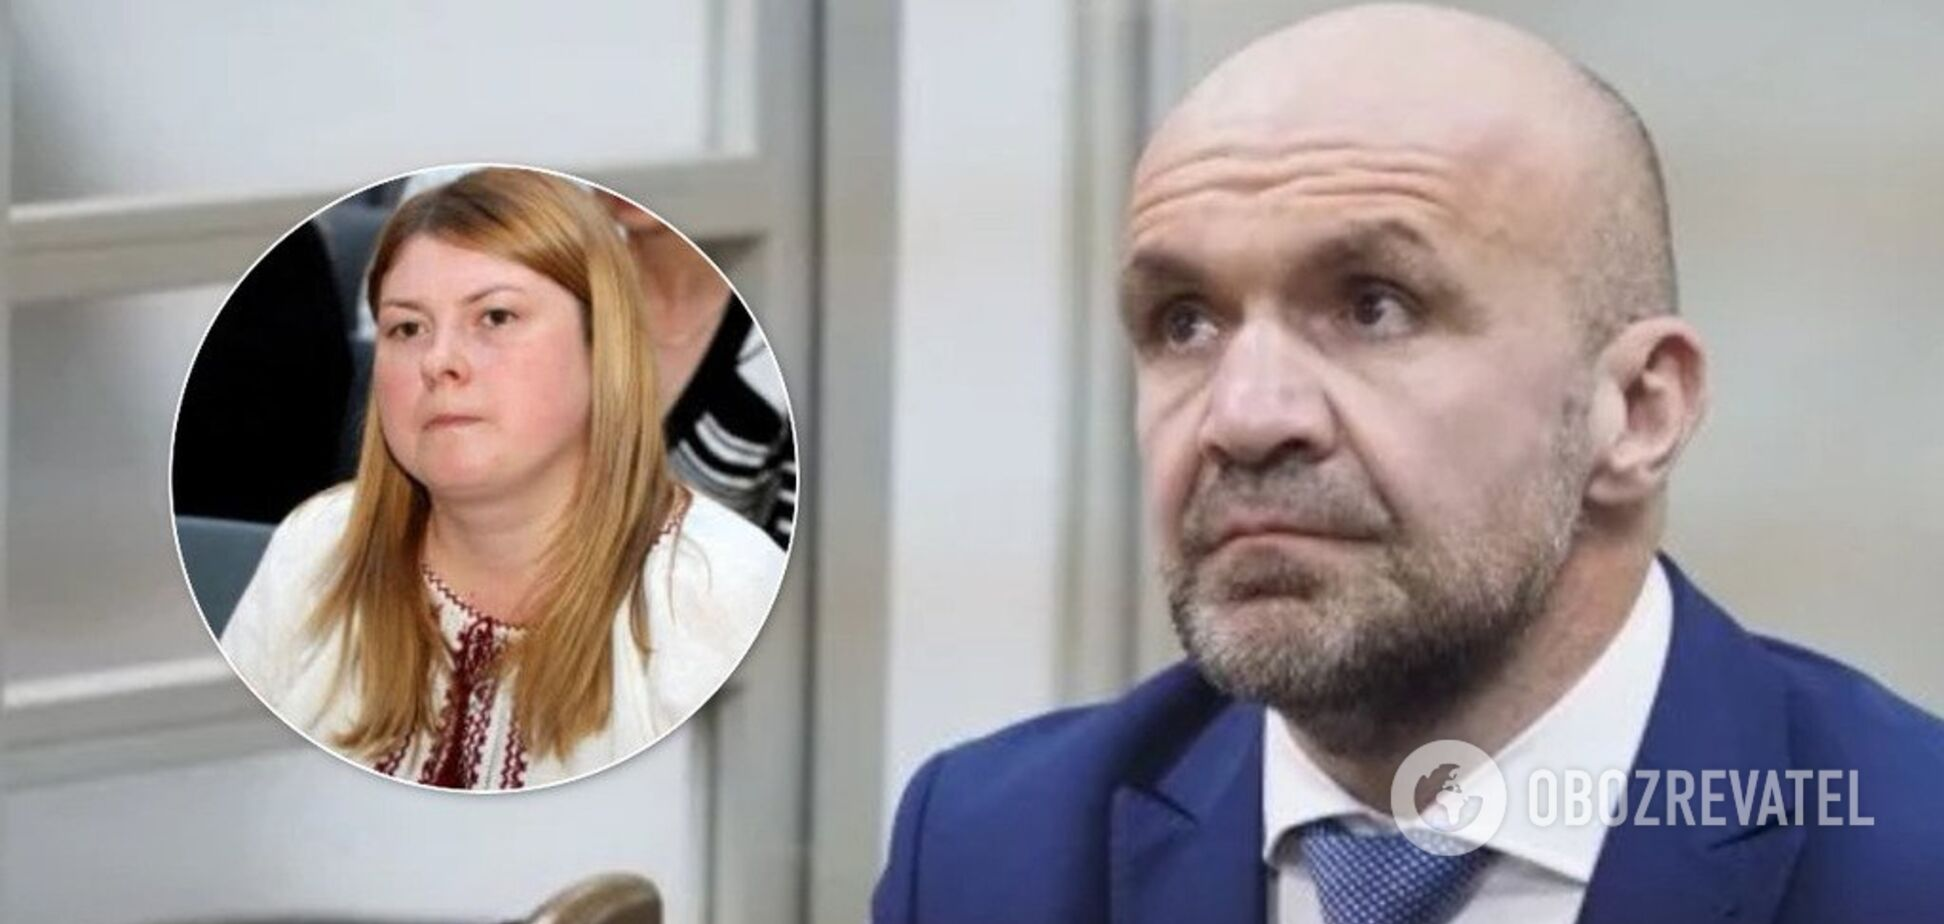 Дело Гандзюк: ГПУ отменила Мангеру подозрение в убийстве